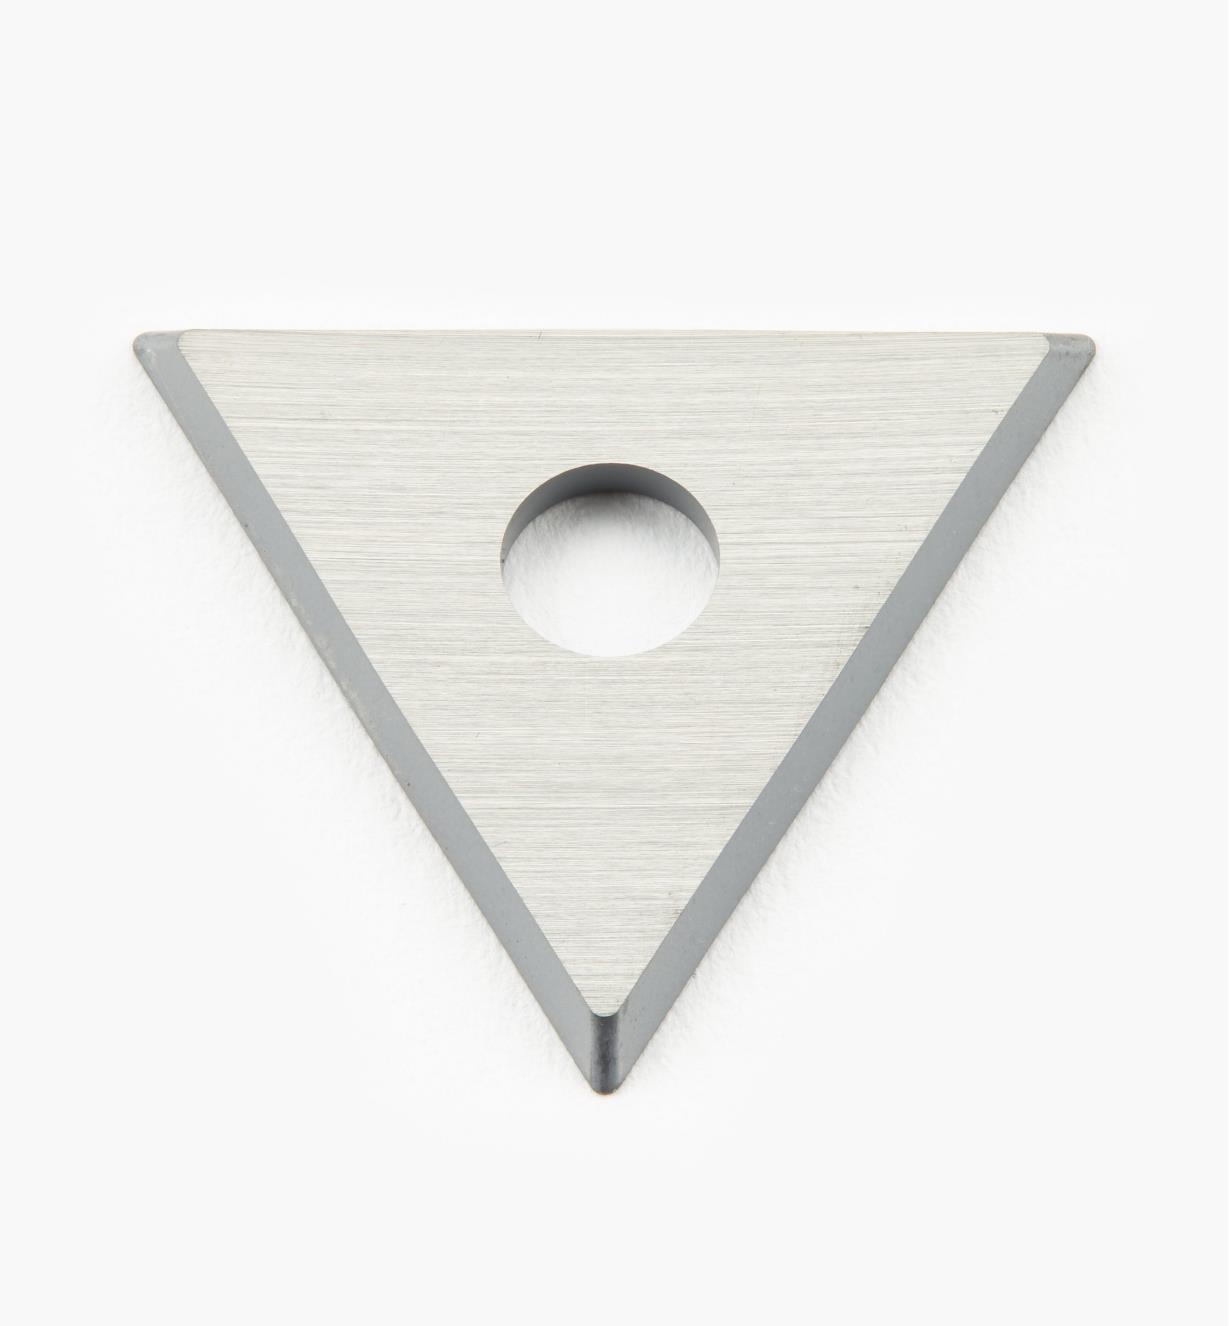 97K5214 - Lame triangulaire de remplacement